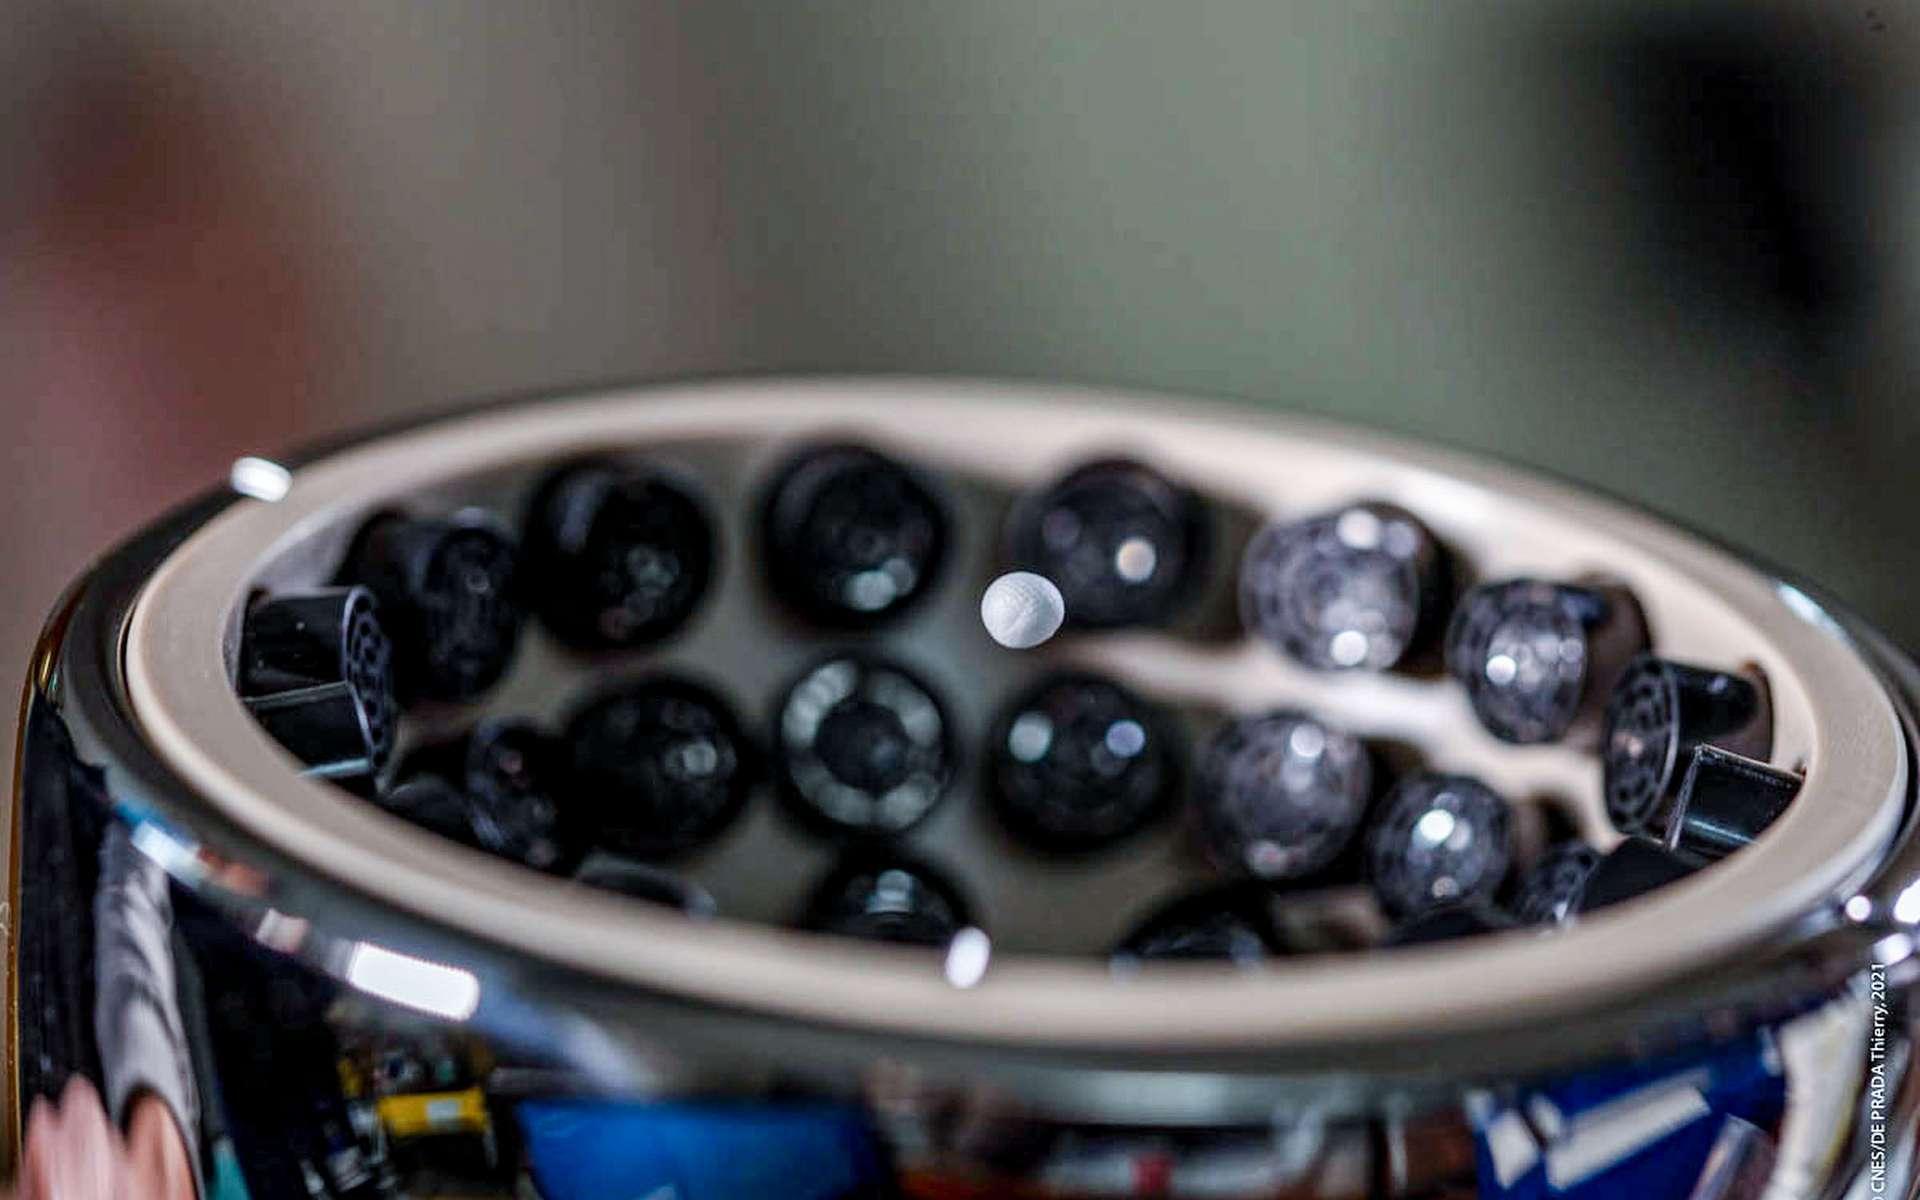 L'appareil de la pince à ultrason a attrapé une petite boule de polystyrène. © Cnes, T. De Prada, Nasa